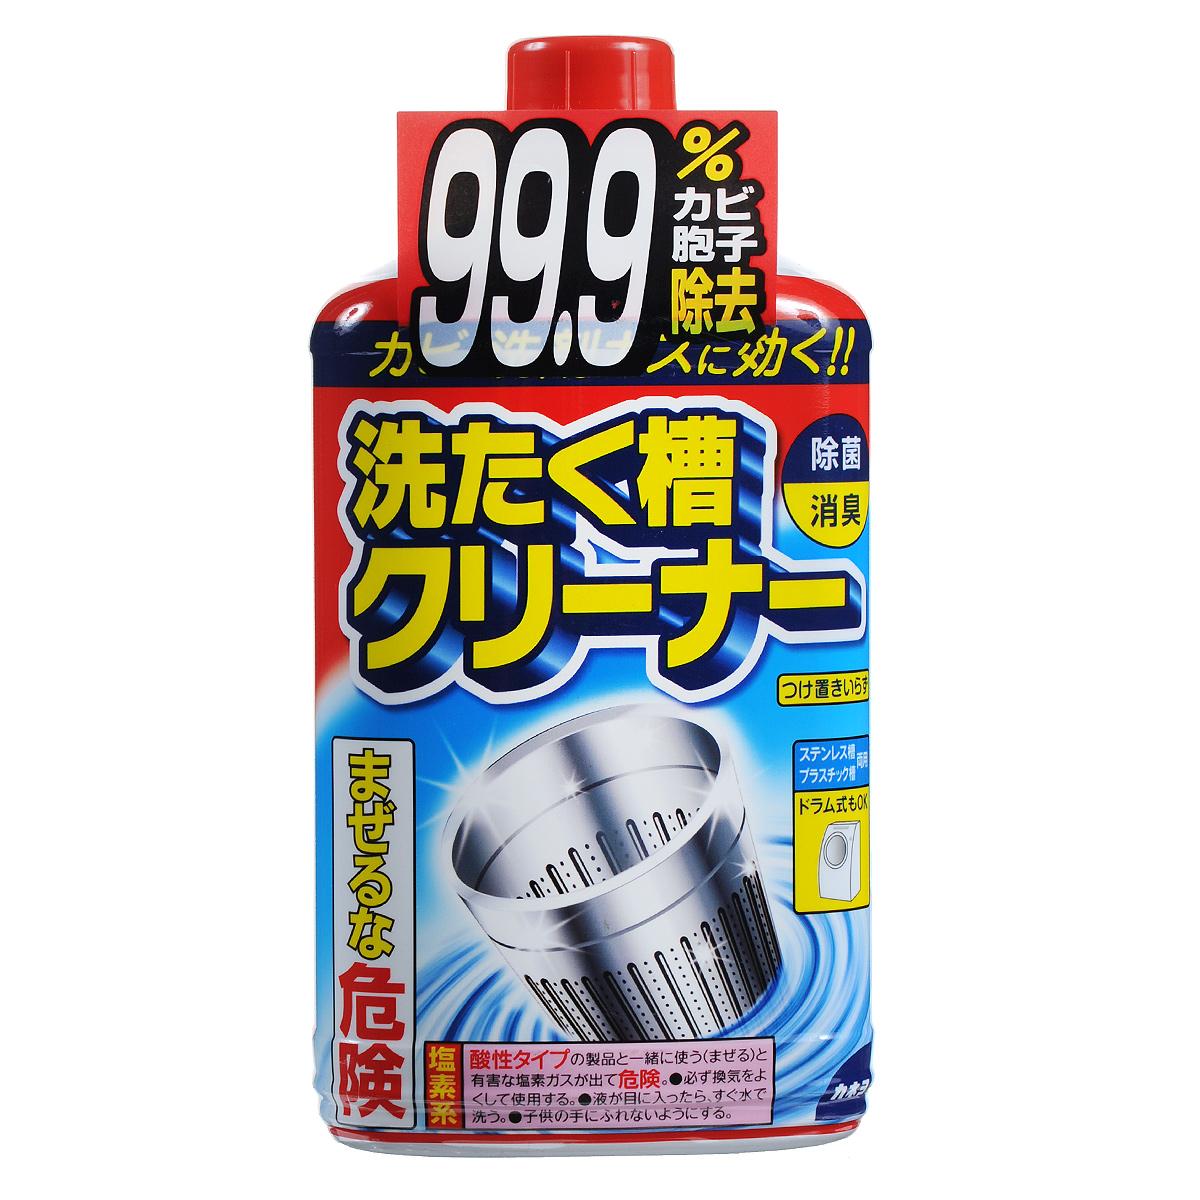 Средство для чистки барабанов стиральных машин Kaneyo, 550 мл6.295-875.0Средство для чистки барабанов стиральных машин Kaneyo - это высококонцентрированное жидкое средство на хлорной основе. Активное средство удаляет плесень и мыльный налет даже с задней поверхности барабана. Убивает микробы и устраняет неприятный запах, благодаря сильному антибактериальному эффекту. Подходит для всех типов стиральных машин барабанного типа. Применение: налить необходимое количество средства в барабан машины (не забудьте вынуть белье), поставить на обычный режим стирки (стирка-полоскание-отжим).